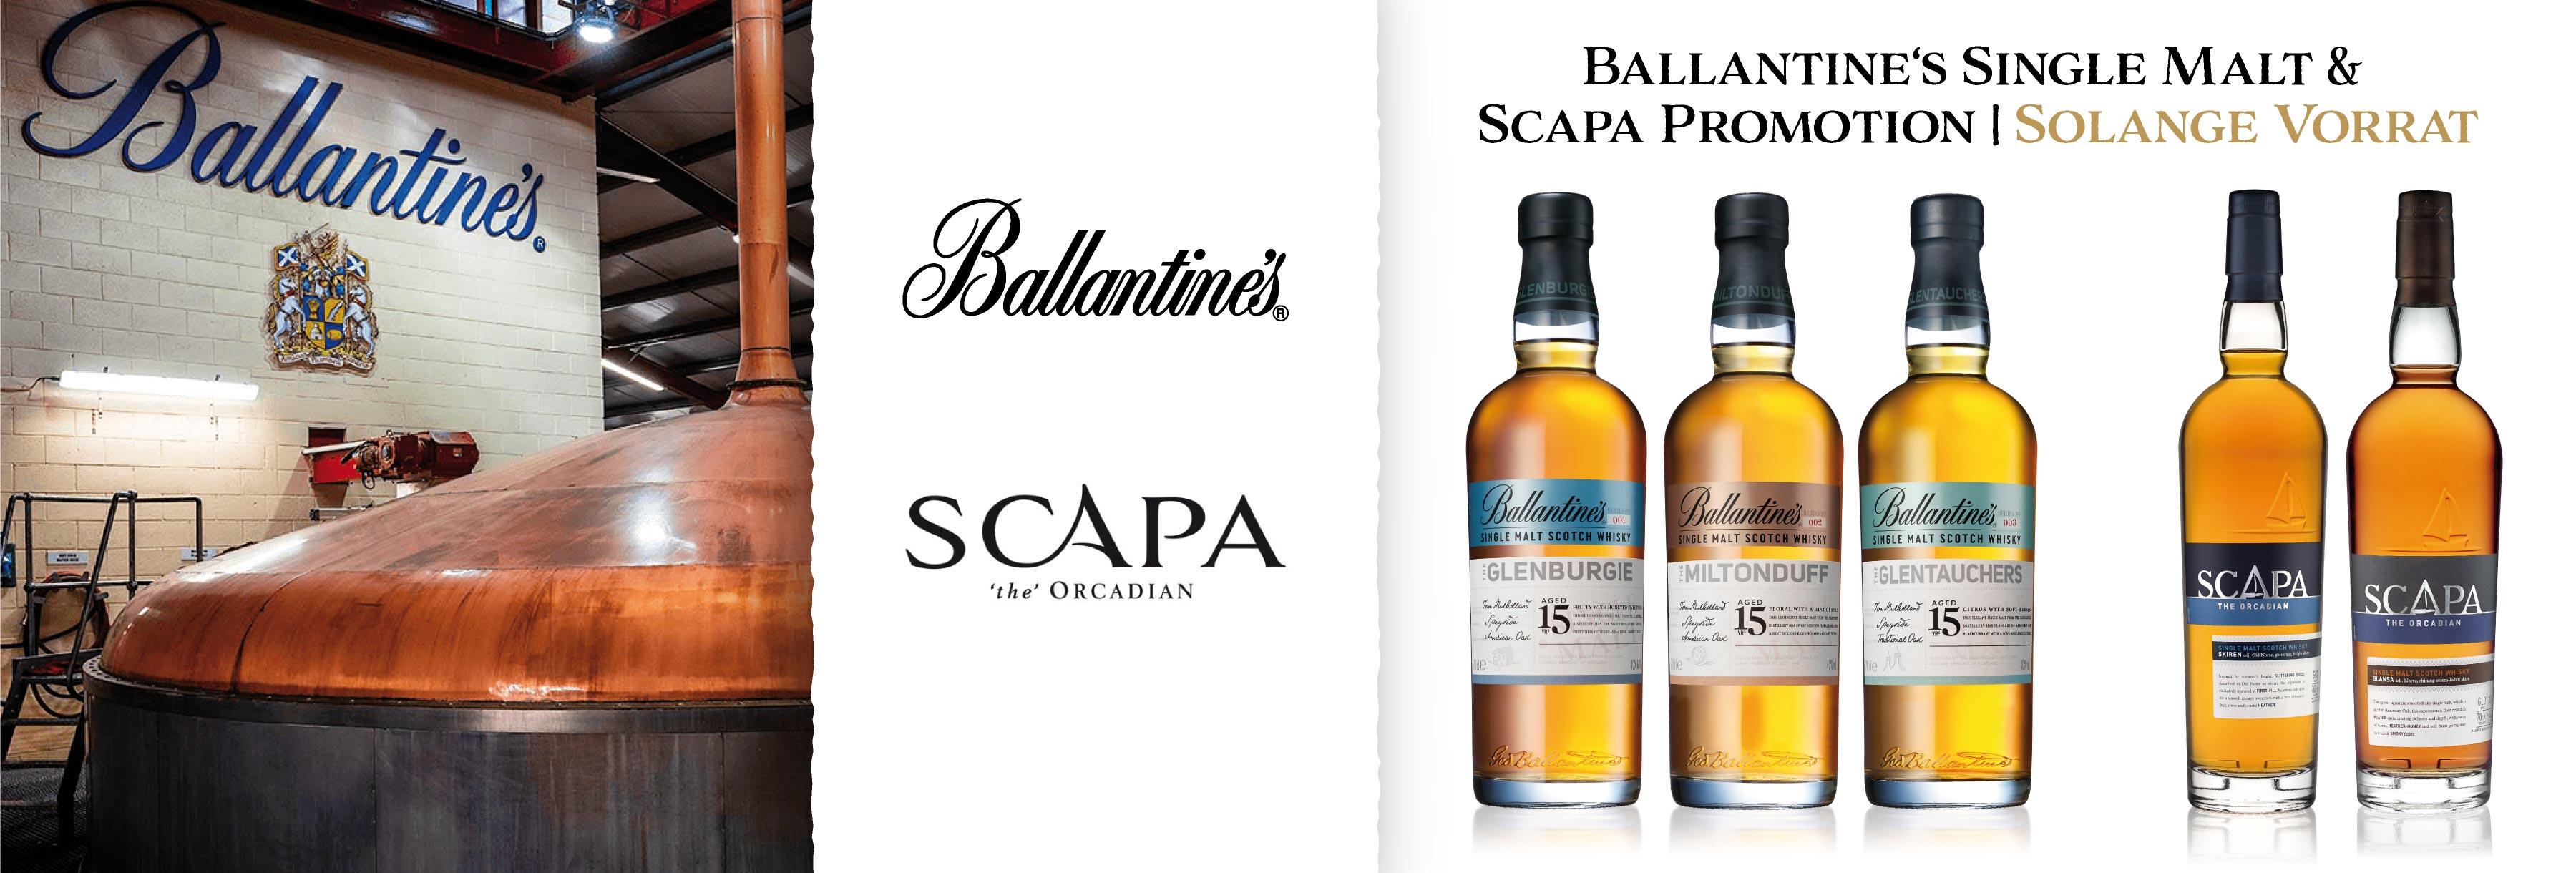 Scapa Skiren Glansa Ballentine's Single Malt Glentauchers Glenburgie Miltonduff Promotion Glen Fahrn Whisky günstig letzte Flaschen ihrer Art